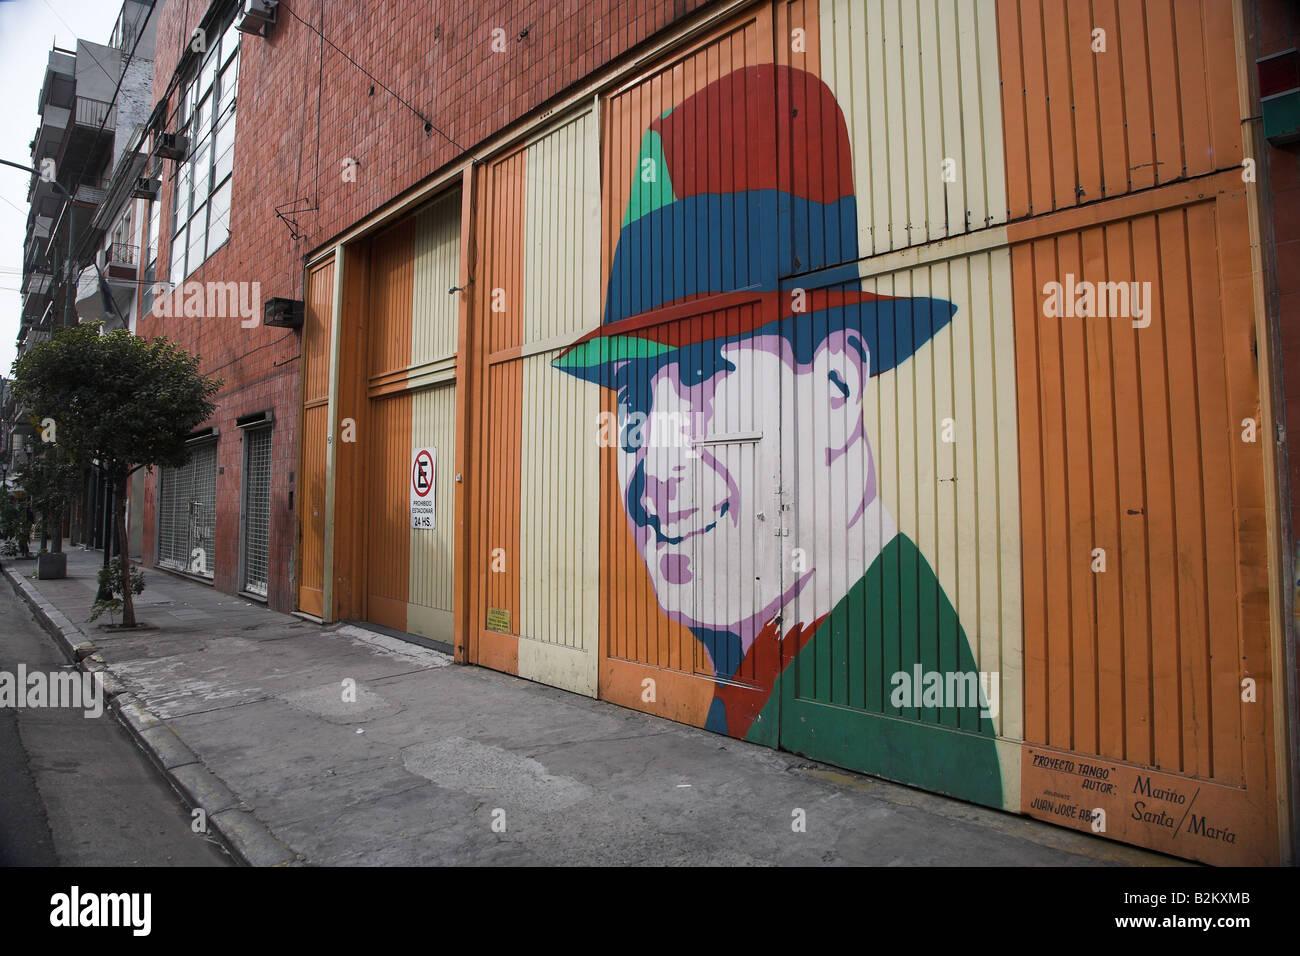 Straße Malerei der berühmte Tango-Sänger Carlos Gardel im Bereich Abasto von Buenos Aires in Argentinien Stockbild